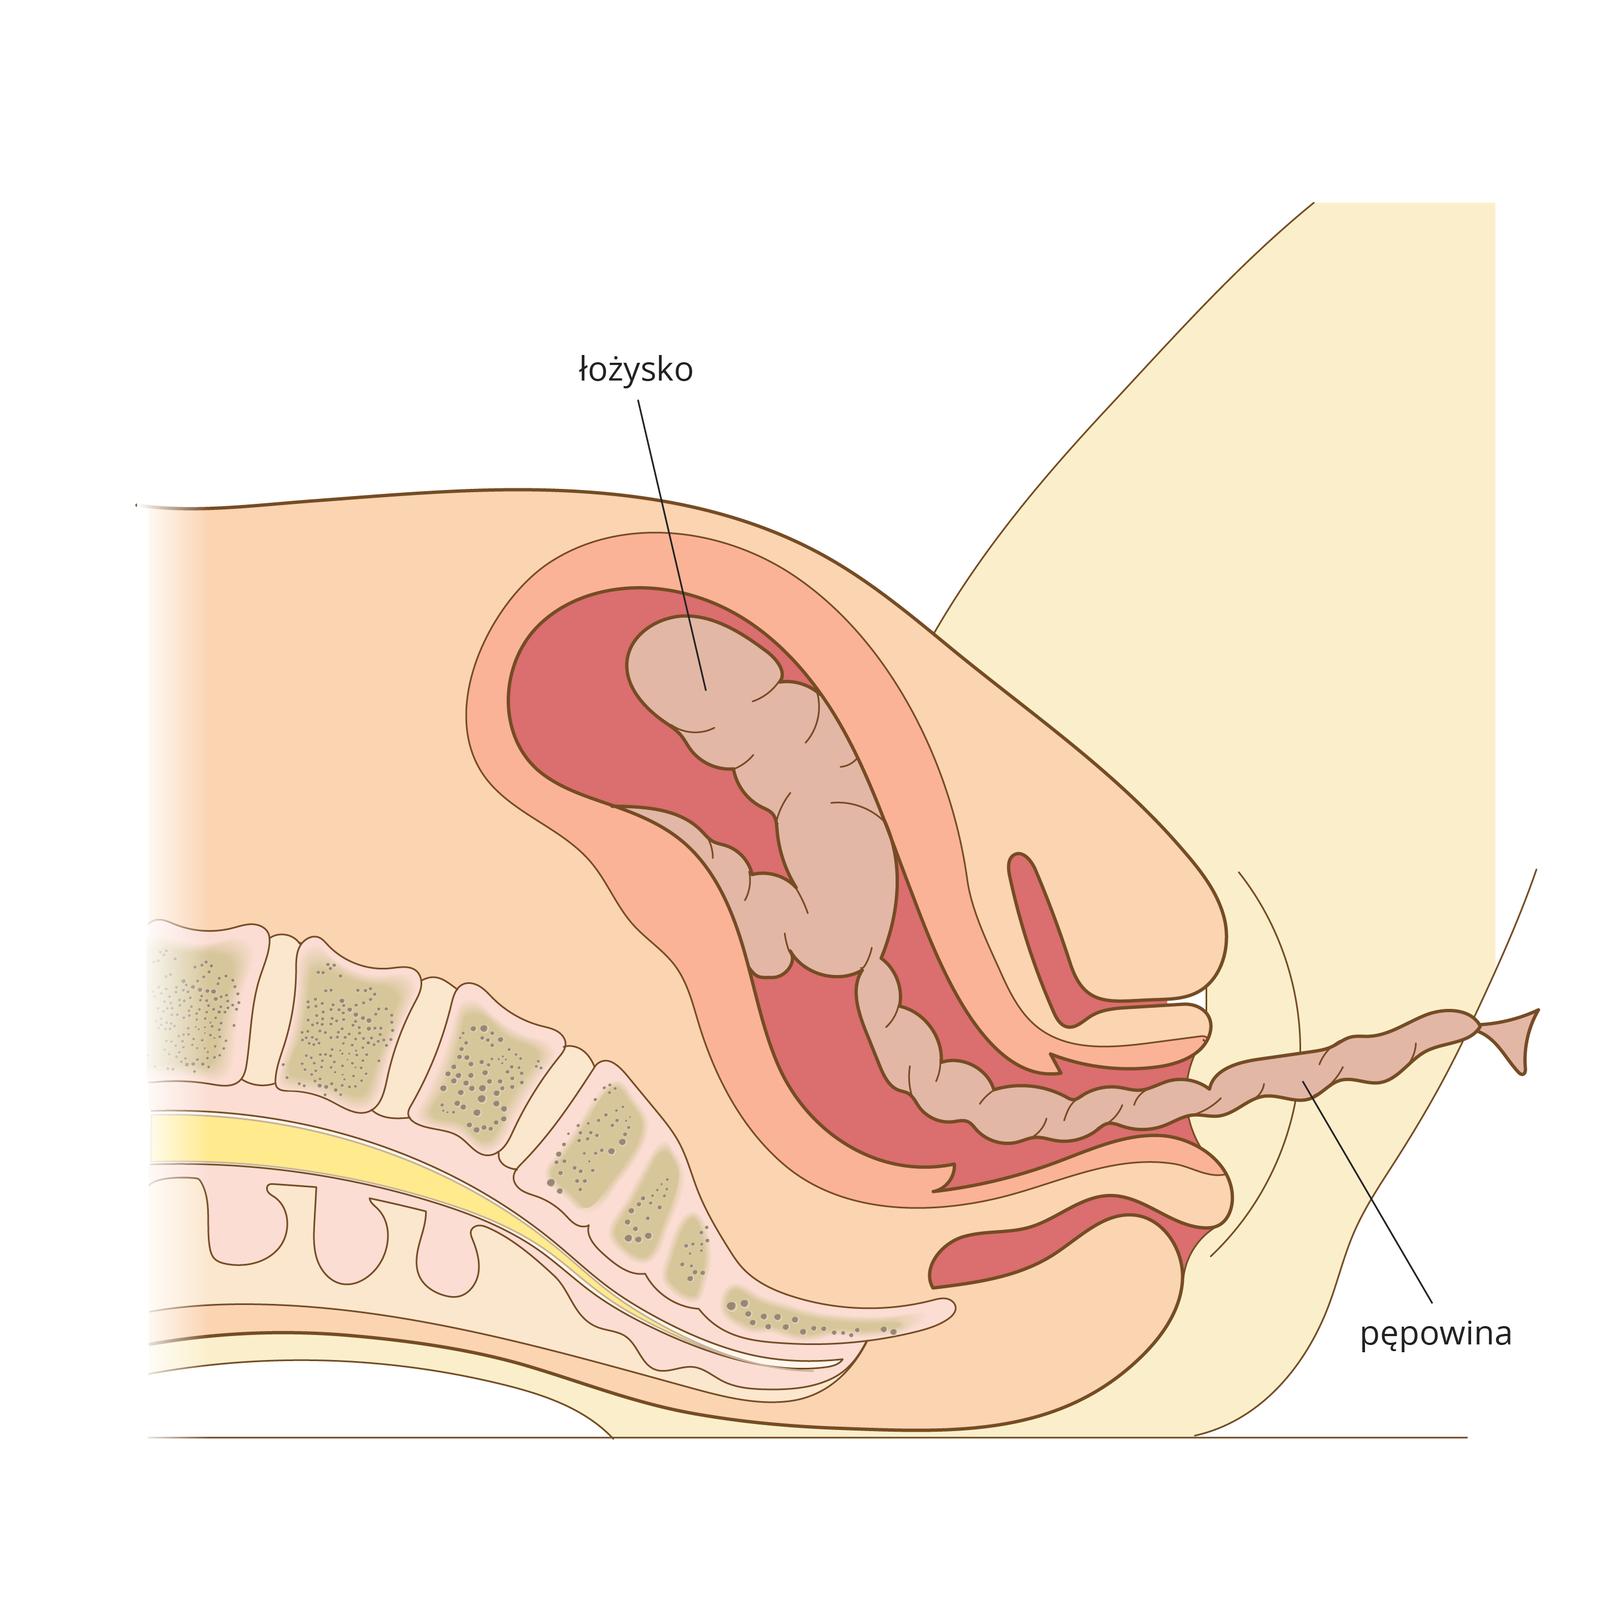 Ilustracja przedstawia ostatnią fazę porodu. Dziecko jest już na świecie, wmacicy oddziela się łożysko. Urodzenie łożyska kończy poród. Widoczna jest również pępowina.